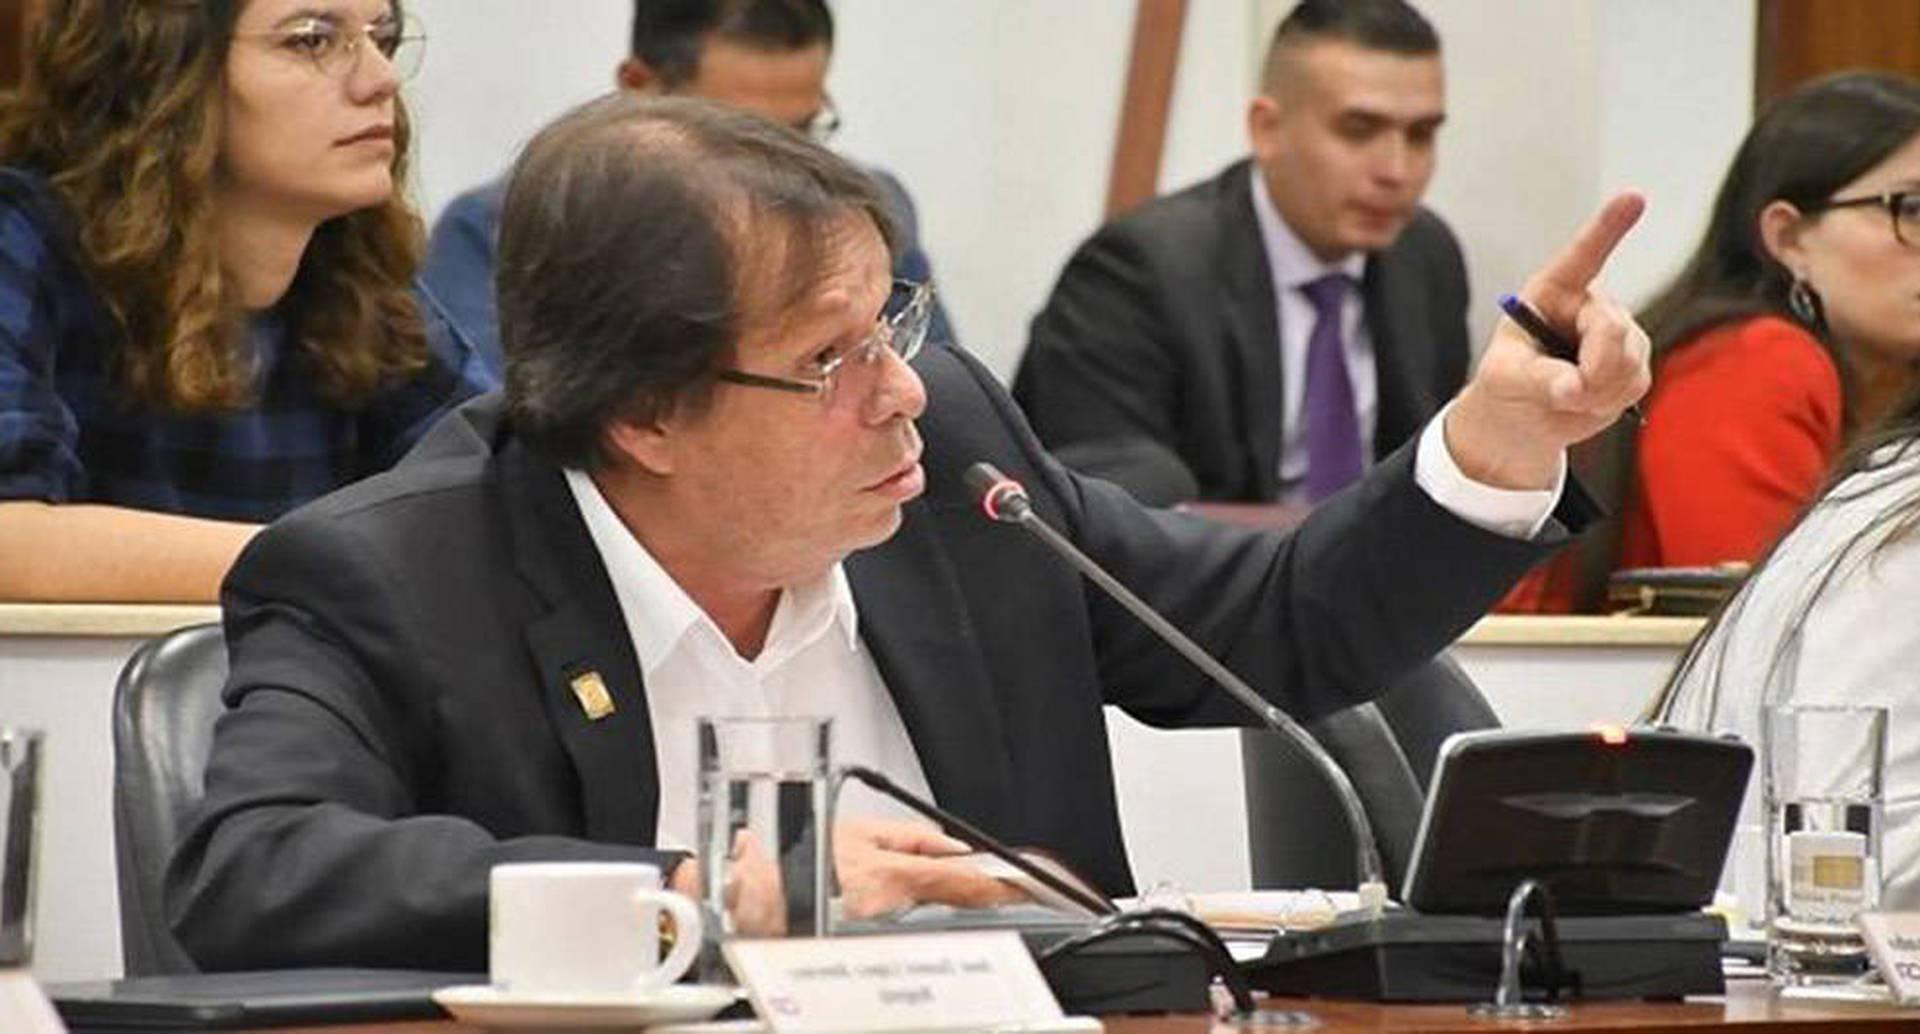 El representante César Lorduy ha sido uno de los congresistas más críticos frente a las decisiones anunciadas por Electricaribe.